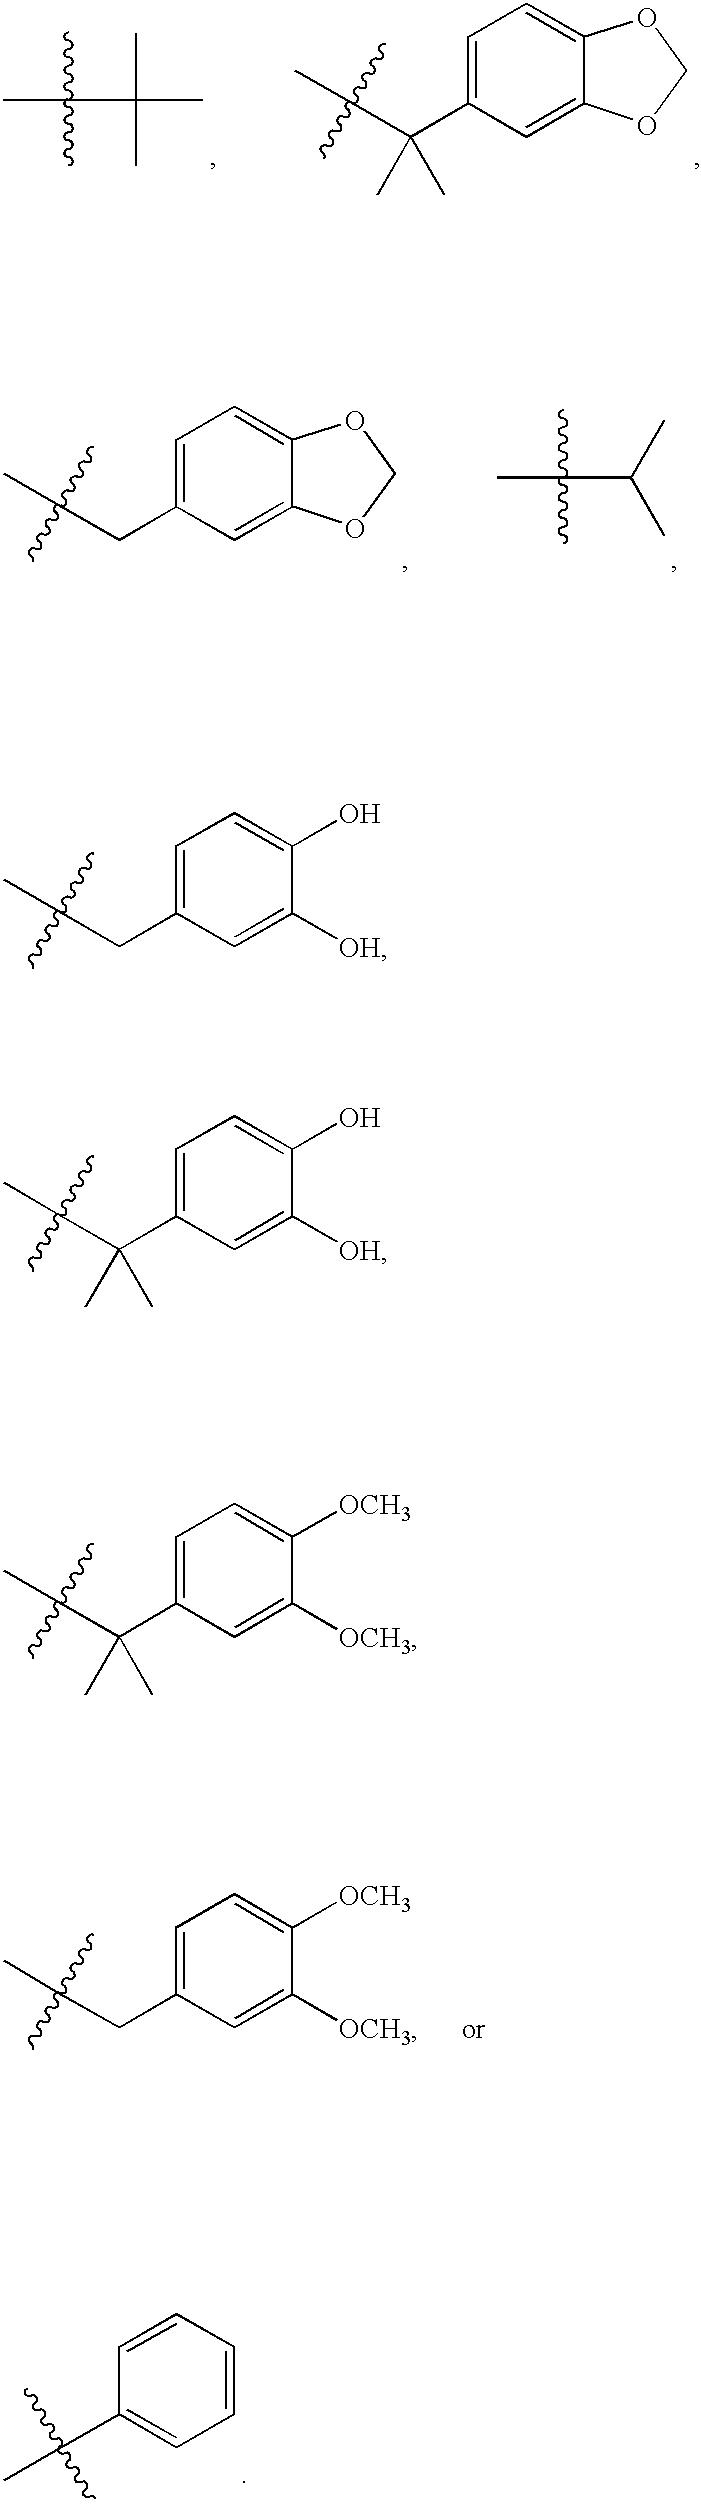 Figure US06569876-20030527-C00016